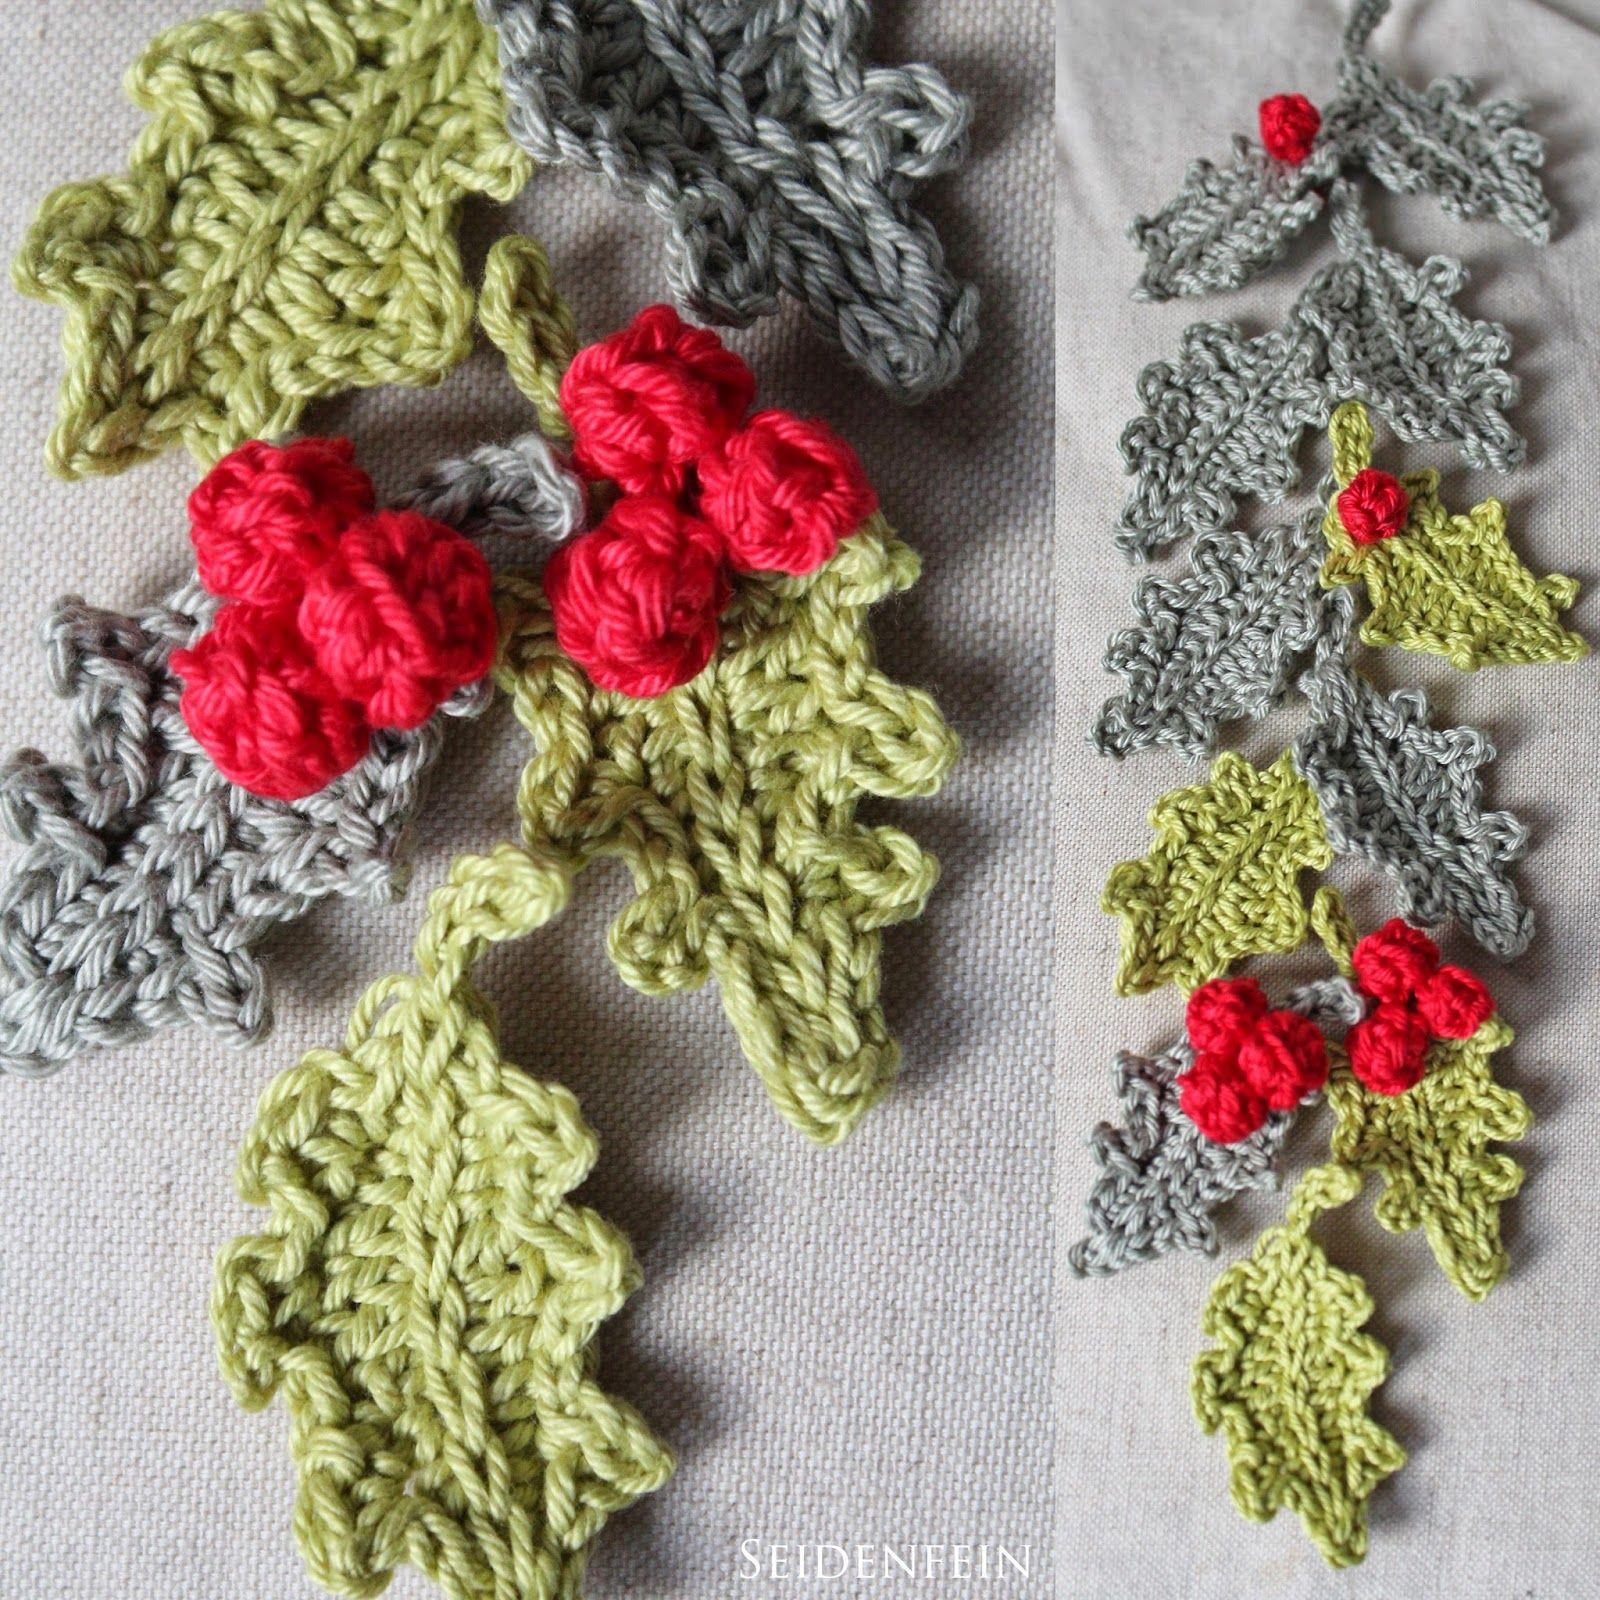 Seidenfeins Dekoblog 8 Ilex Blätter Gehäkelt Diy Crochet